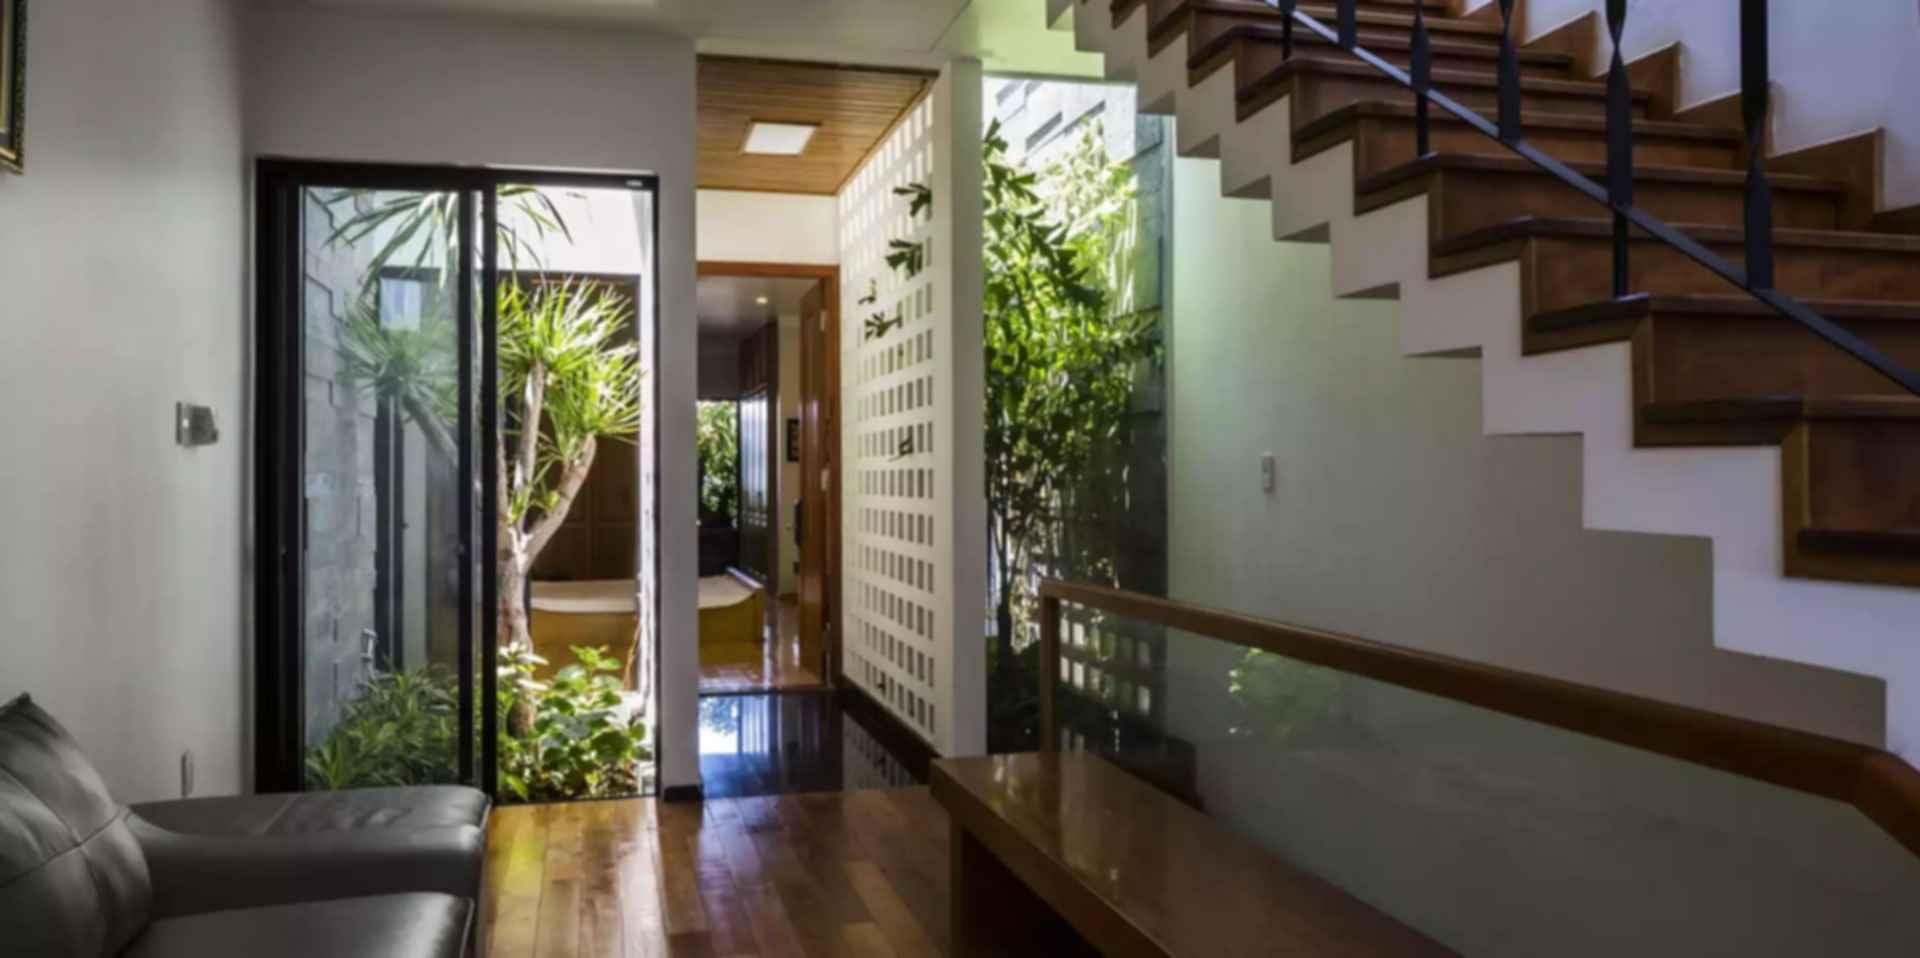 Garden House - Interior